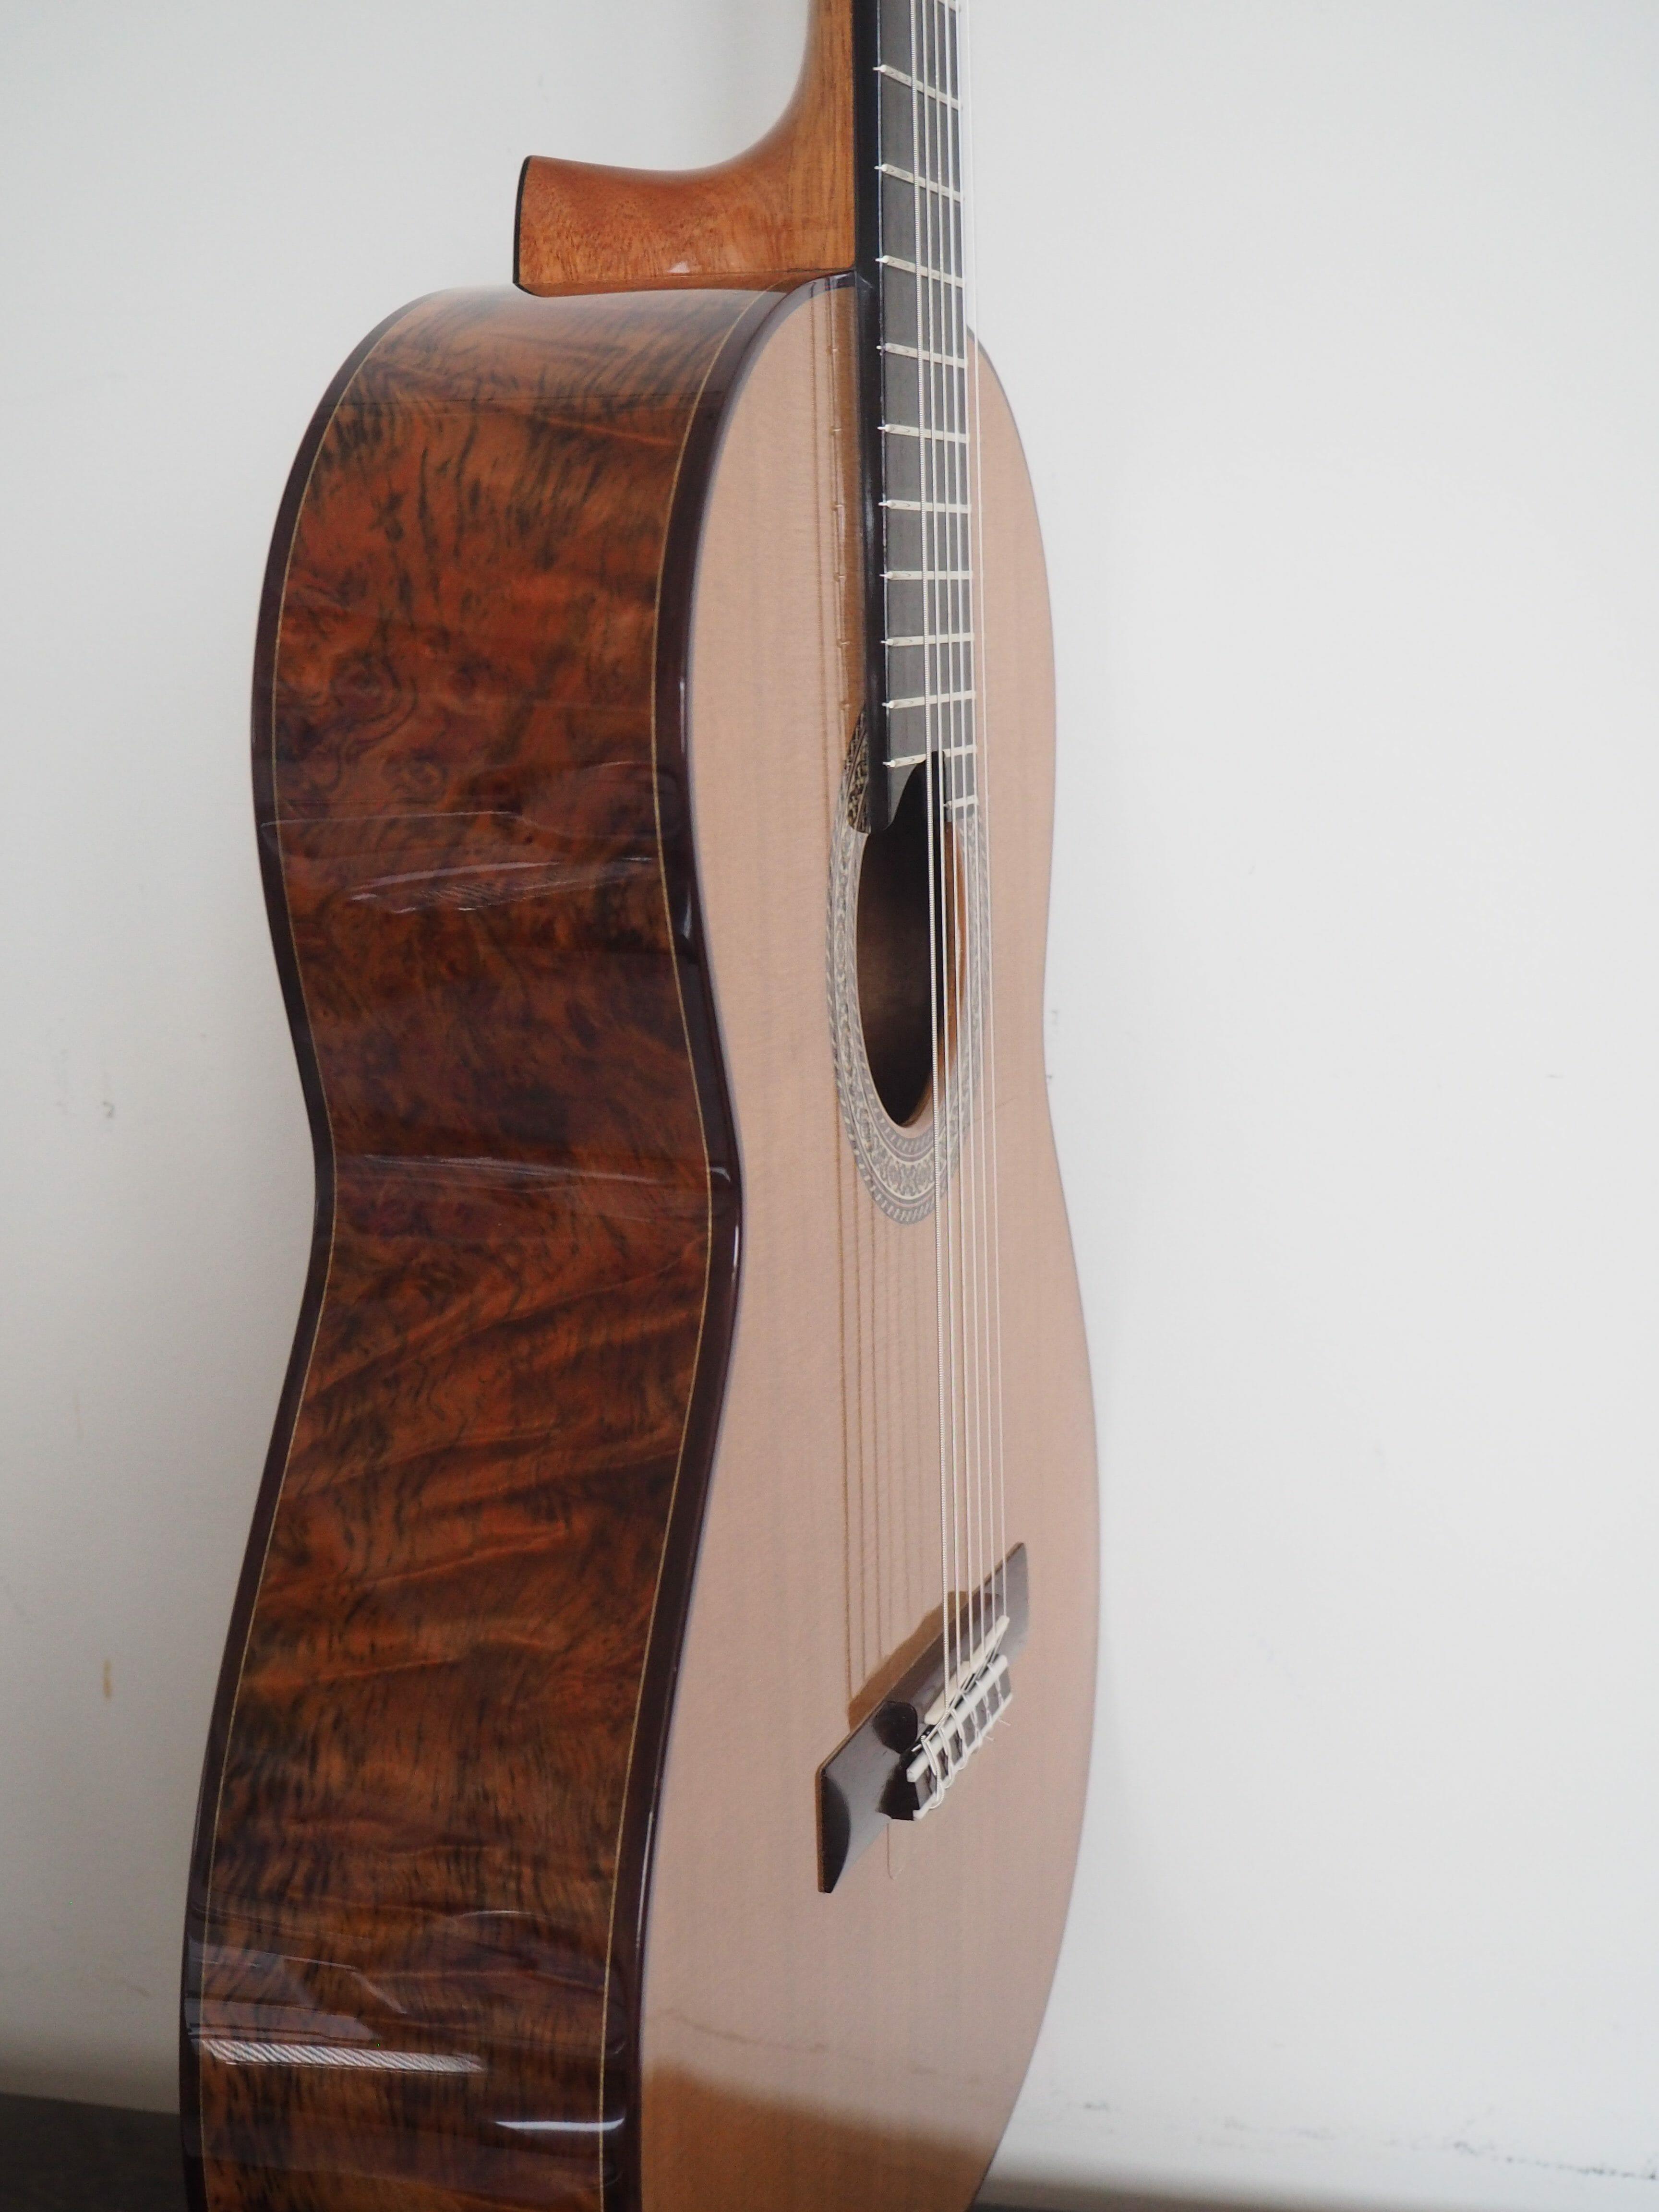 Guitare classique de concert du luthier John Price - australie - table en cèdre et dos et éclisses barrage lattice. sonorité puissante